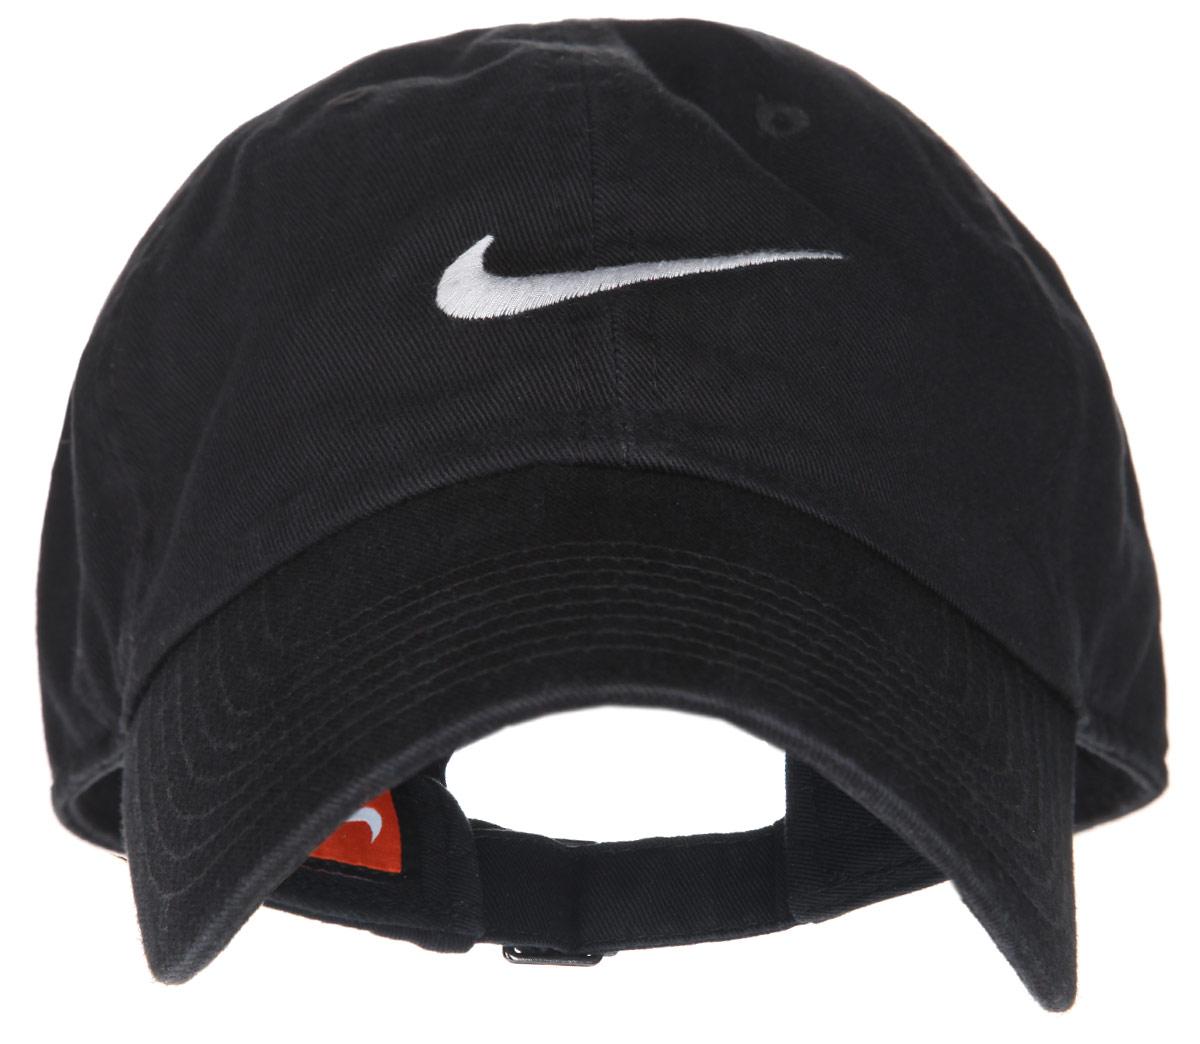 Бейсболка Nike Swoosh H86, цвет: черный. 546126-010. Размер универсальный546126-010Стильная бейсболка Nike Swoosh H86 идеально подойдет для прогулок, занятия спортом и отдыха. Бейсболка выполнена из 100% хлопка, благодаря чему обладает высокой гигроскопичностью и великолепно пропускает воздух, позволяя коже дышать. Модель имеет классическую конструкцию из шести панелей и специальные вентиляционные отверстия и надежно защитит вас от солнца и ветра. Бейсболка оформлена вышивкой с логотипом Nike.Объем бейсболки регулируется при помощи хлястика с пряжкой.Такая бейсболка станет отличным аксессуаром и дополнит ваш повседневный образ.